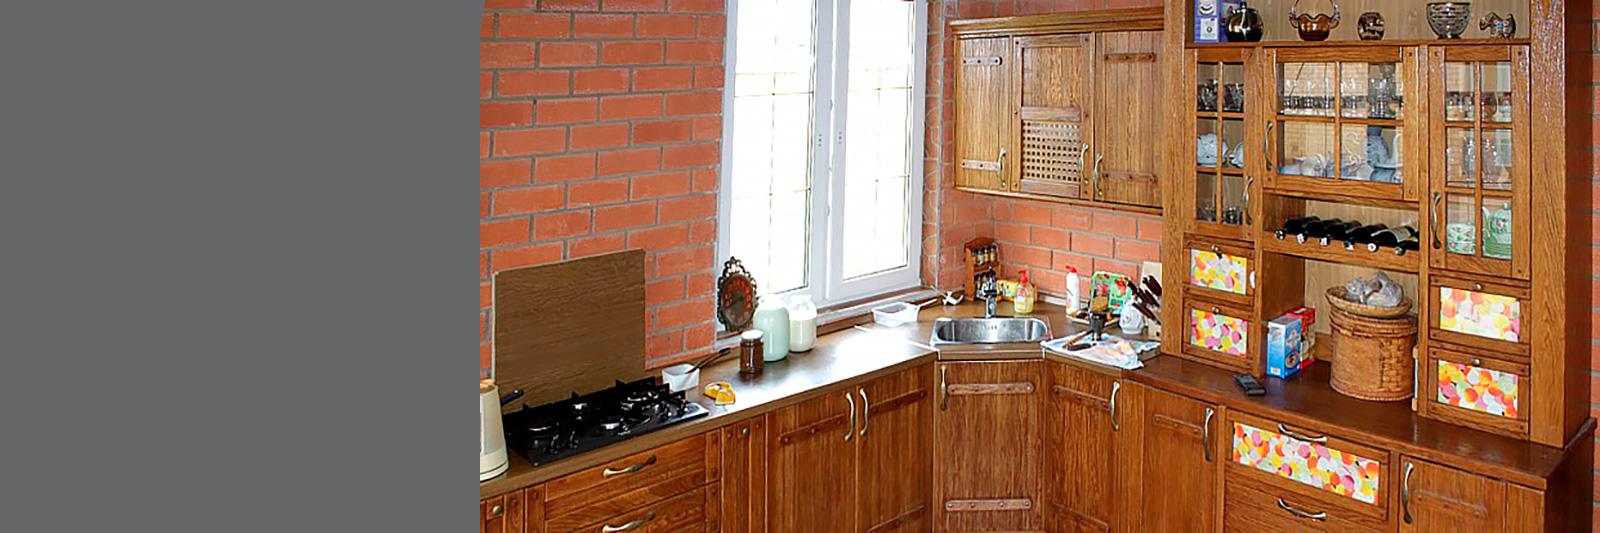 Мебель для кухни на заказ из натурального дерева